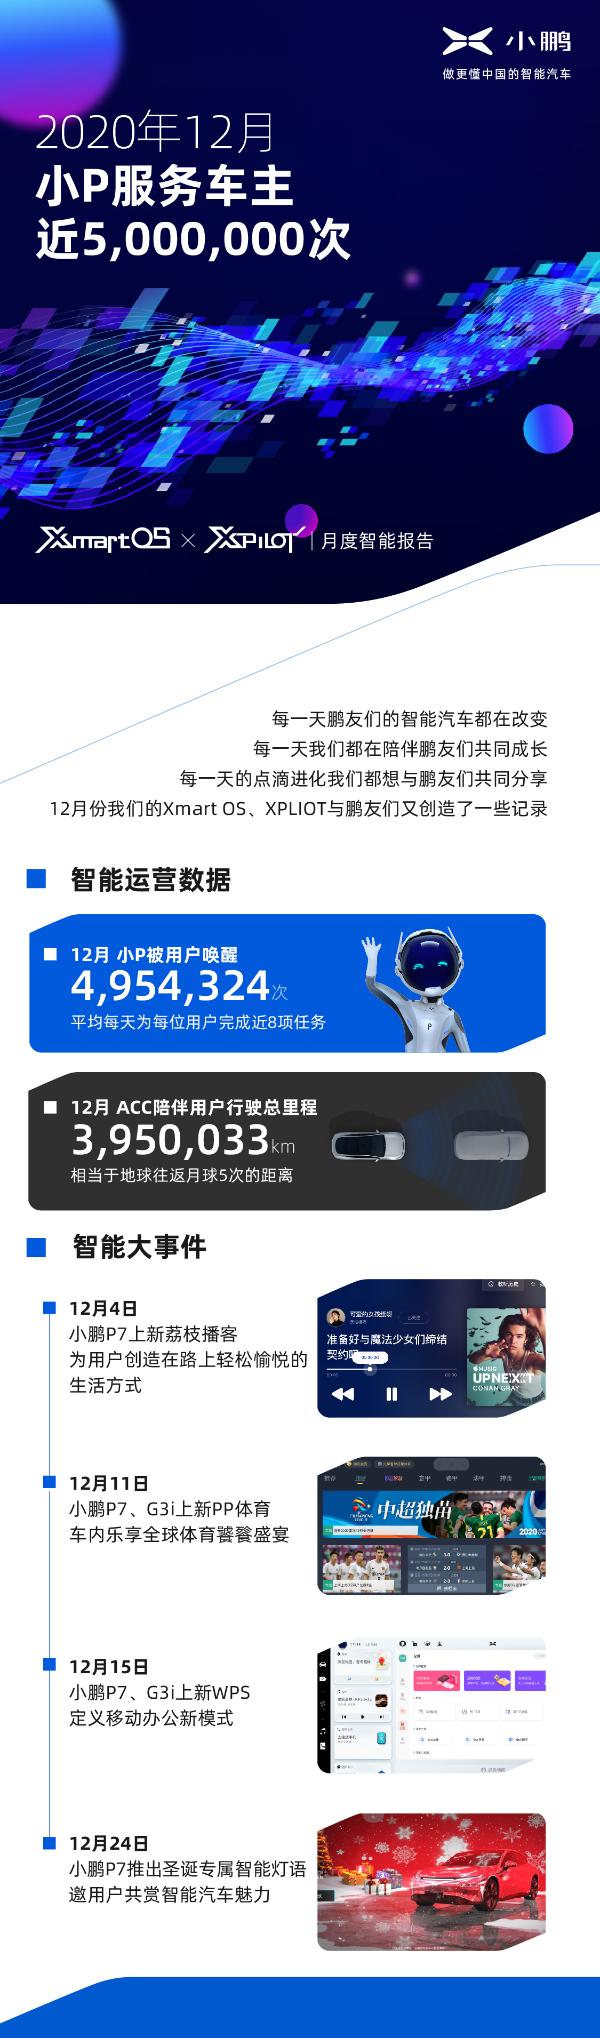 小鹏汽车月度智能报告:12月,小P服务车主近5百万次